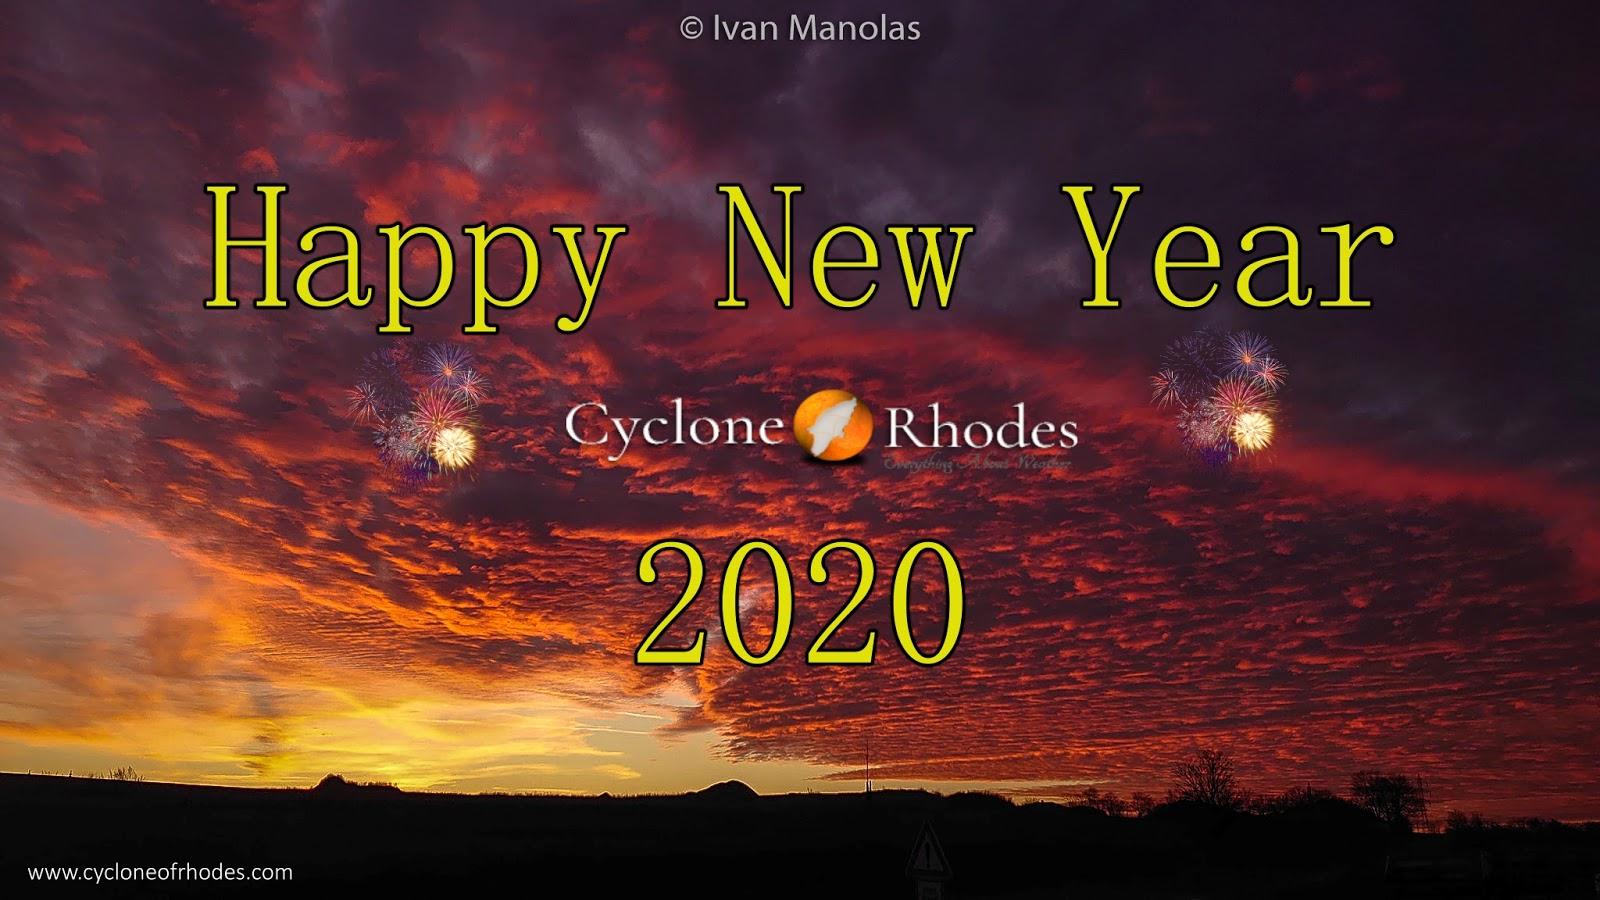 Ρόδος-Δωδεκάνησα - Πρώτη πρόγνωση για το 2020 - Δείτε πως ξεκινάει η χρονιά